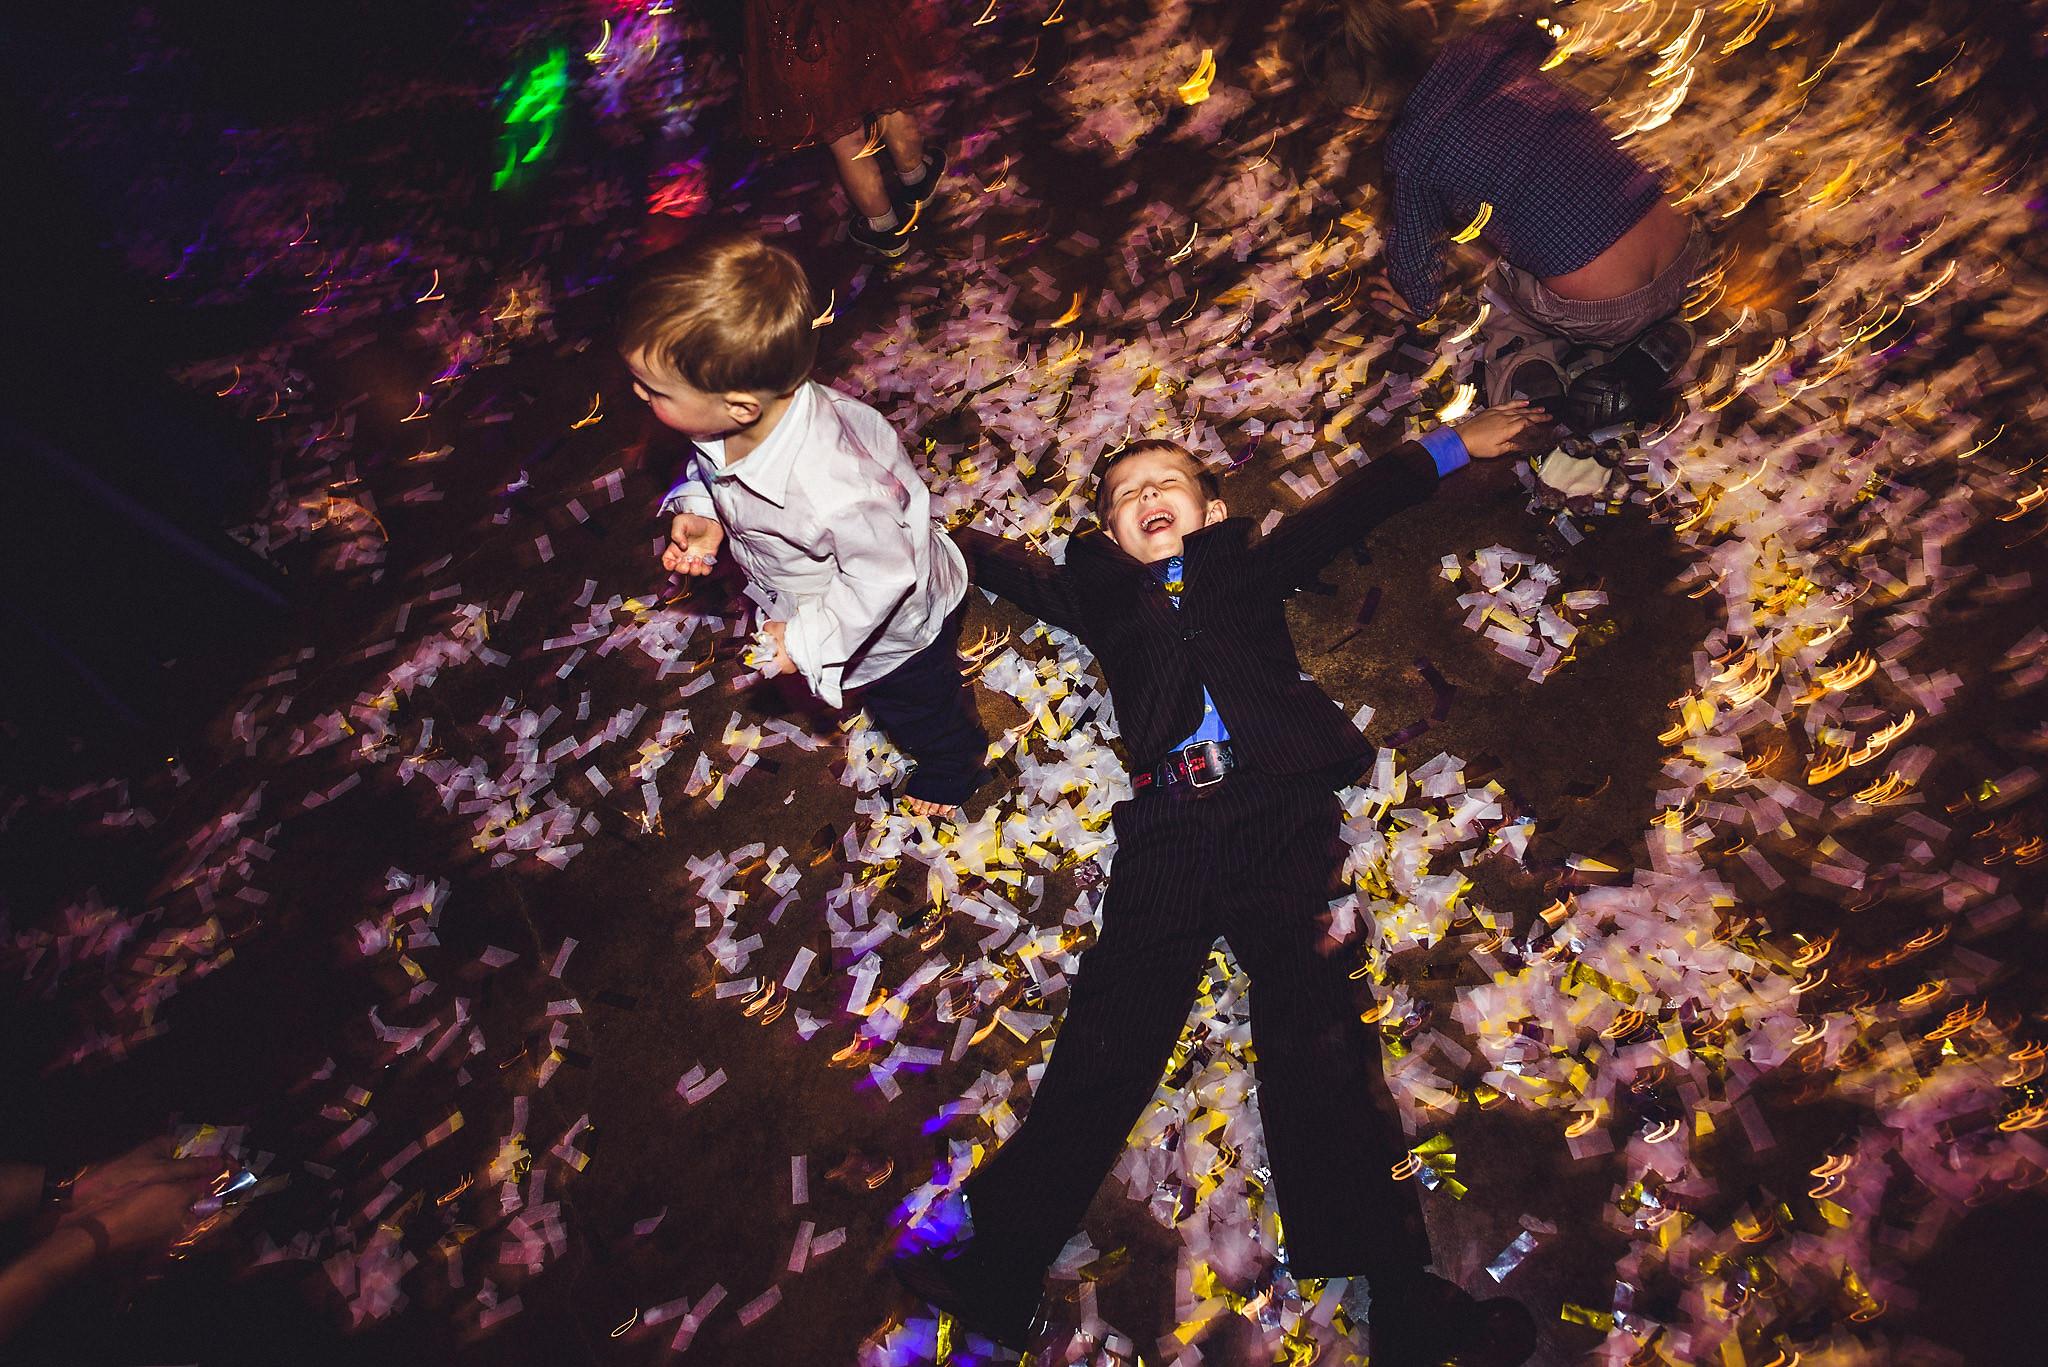 Å ha med barna på dansegulvet kan resultere i mye moro! Foto:  Eirik Halvorsen